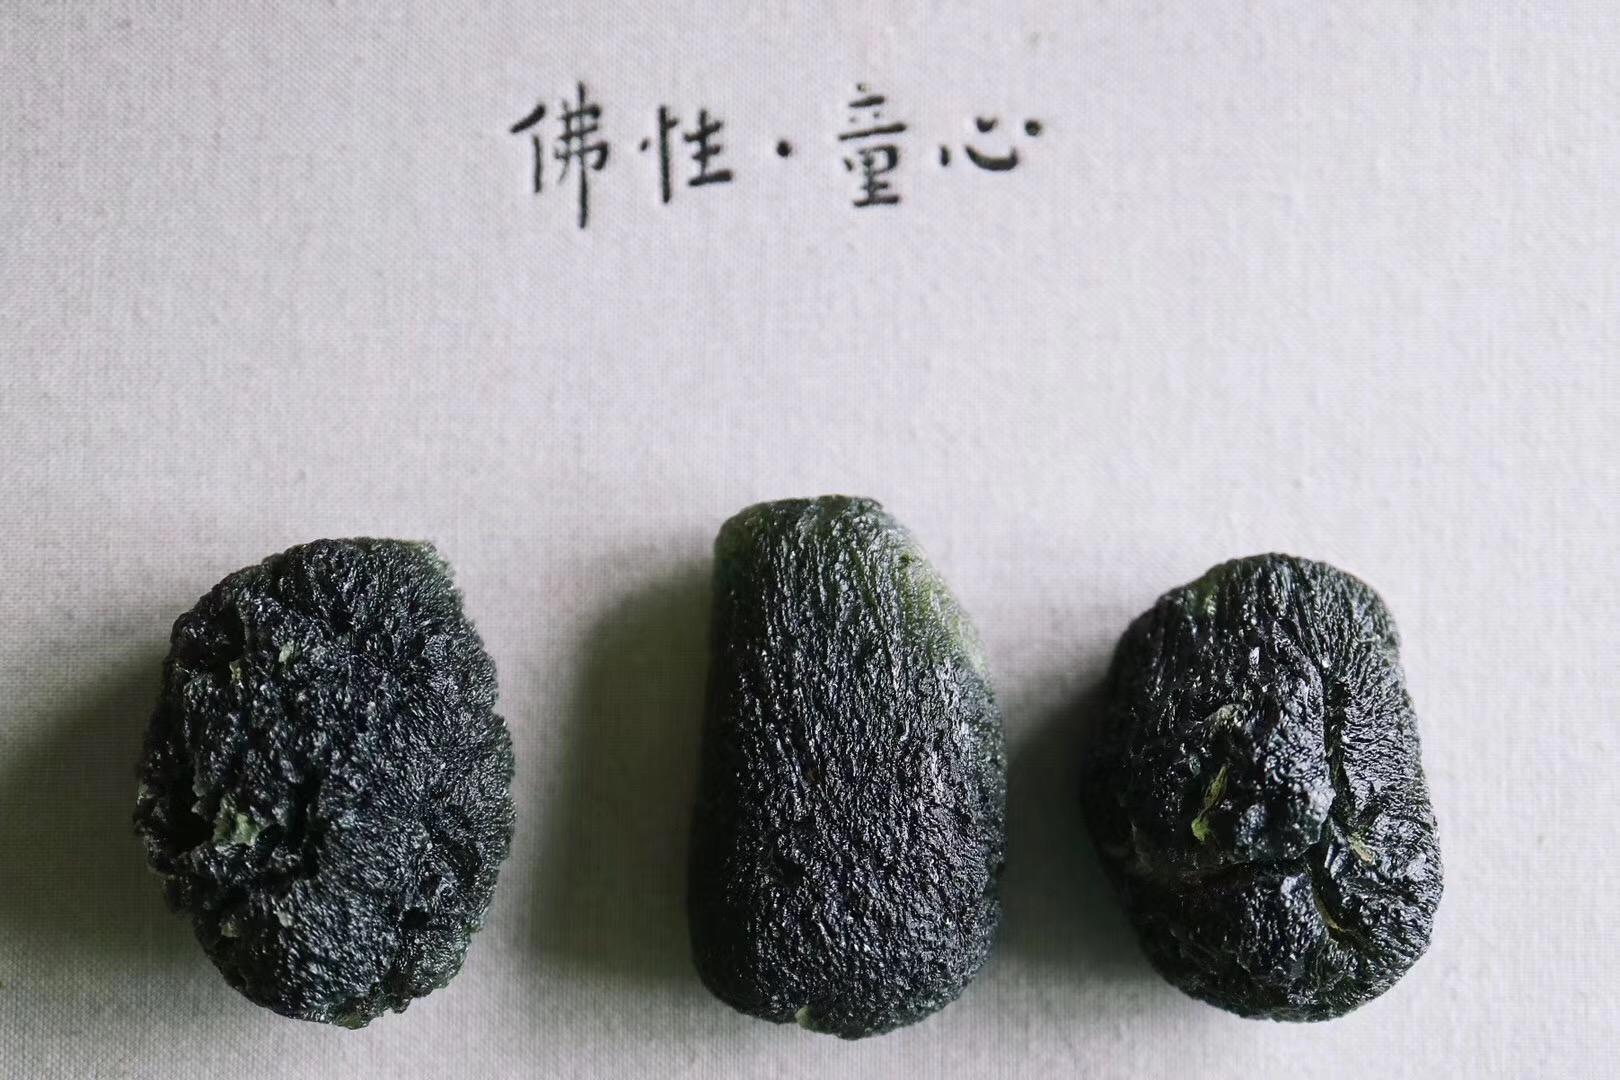 【捷克陨石】捷克陨石,来自宇宙深处的能量-菩心晶舍